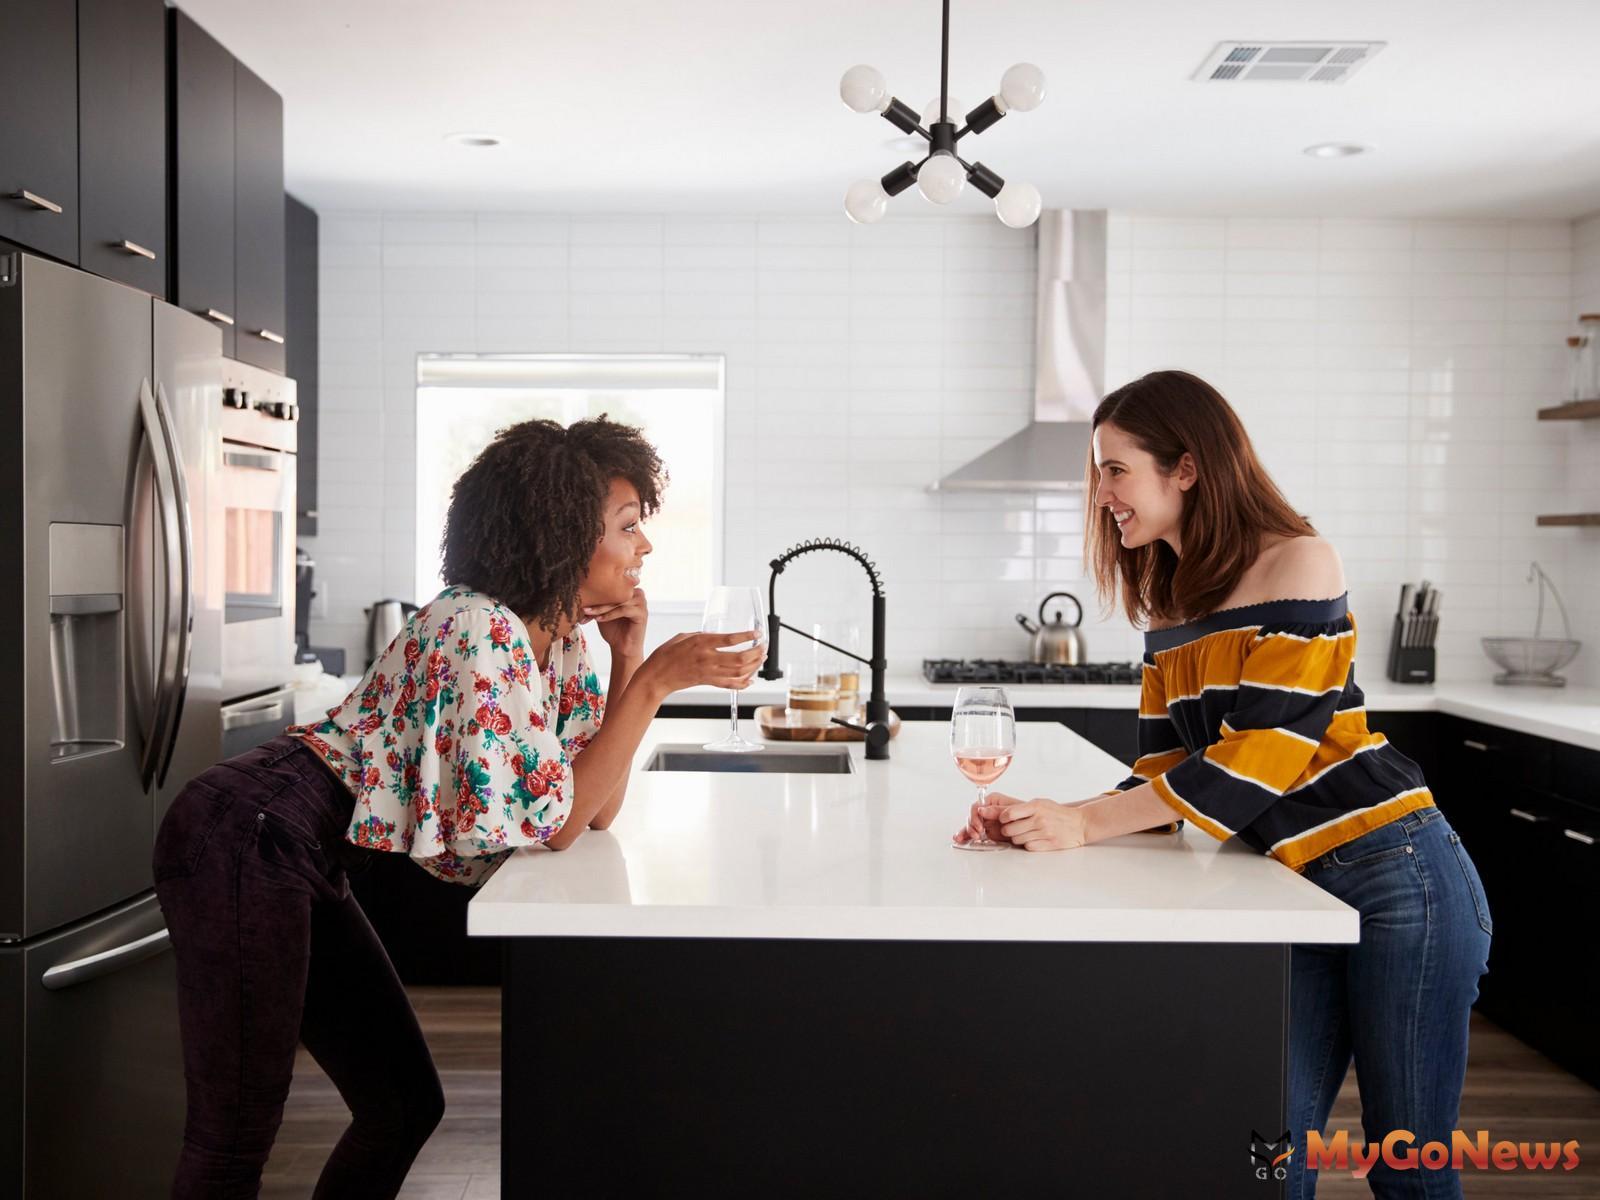 廚房大概是整個家最需要電器的空間,插座配置就非常重要。(圖片來源_21世紀不動產) MyGoNews房地產新聞 居家風水